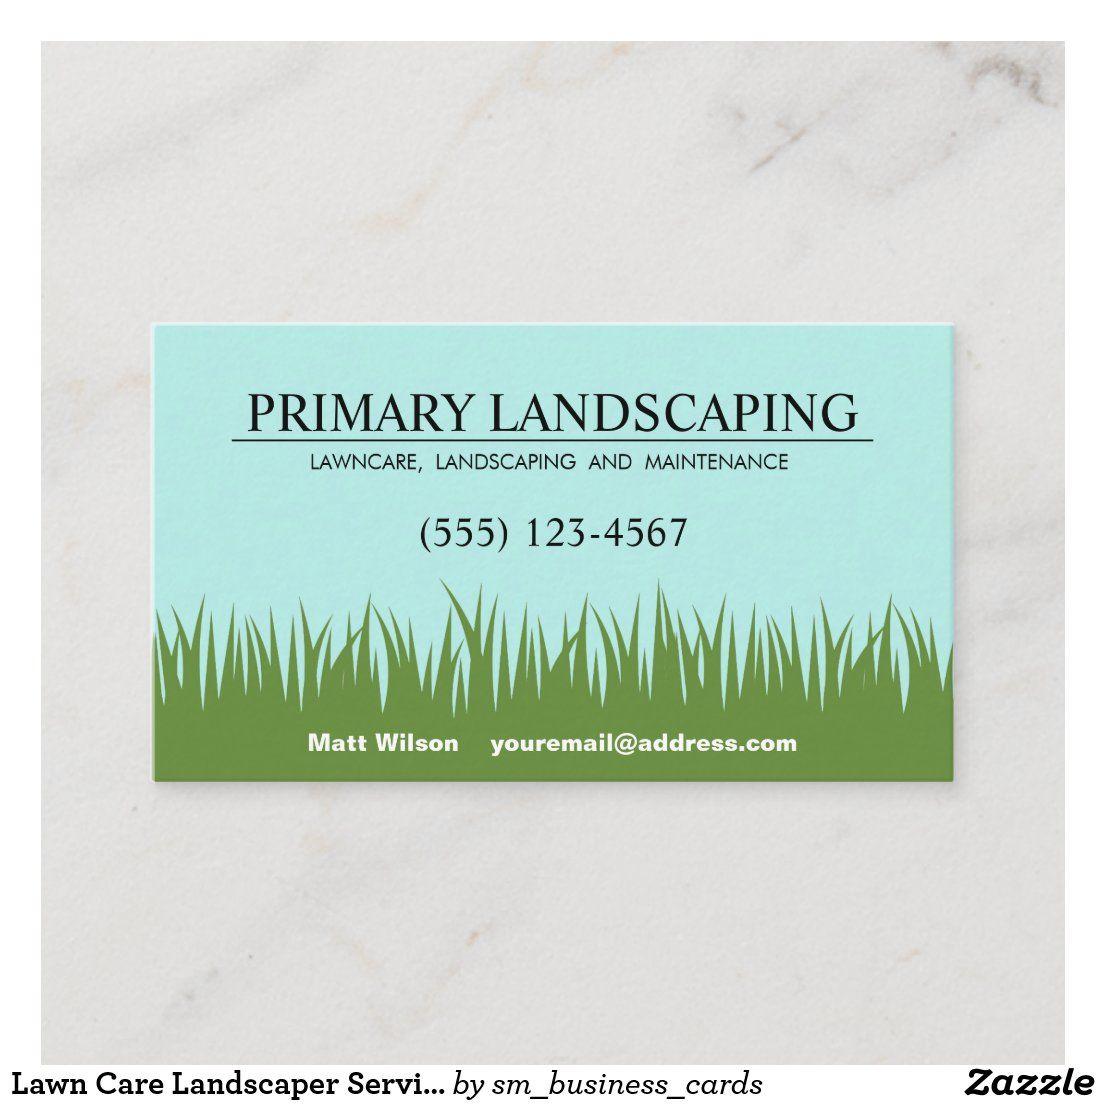 Lawn Care Landscaper Service Grass Business Card Zazzle